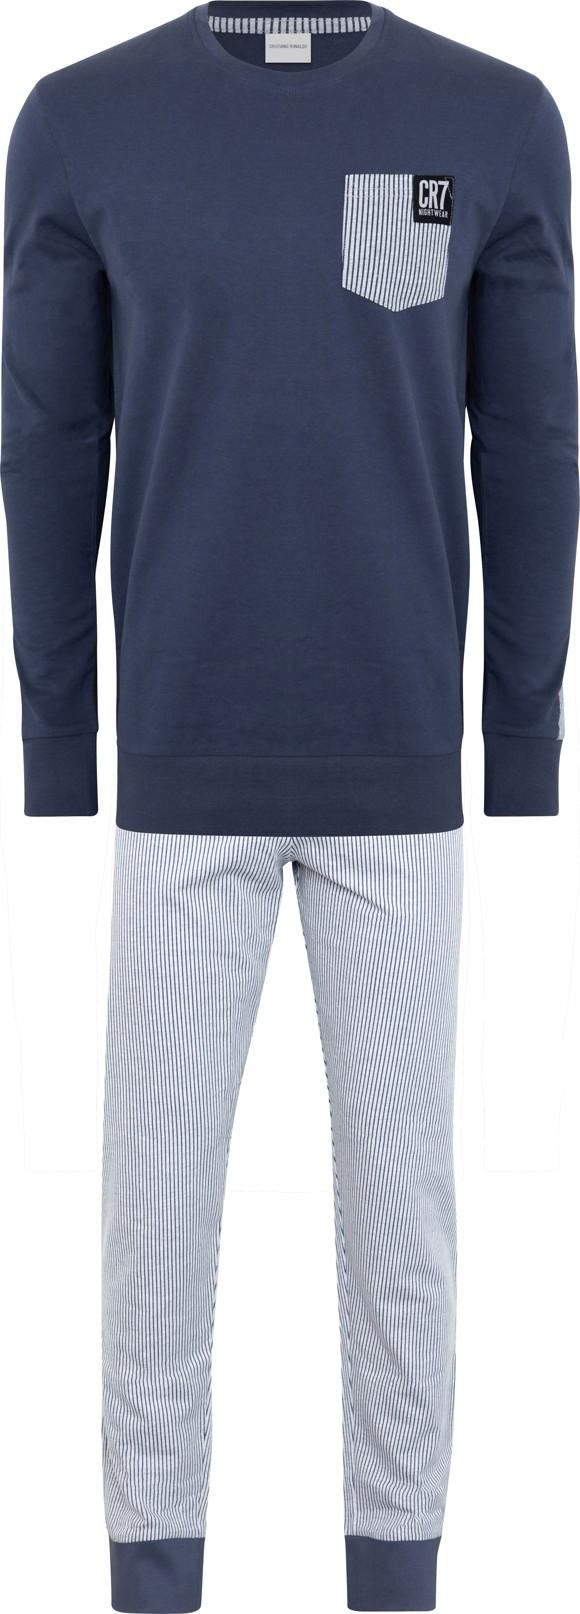 CR7  - Mens Pyjamas Set - Blue